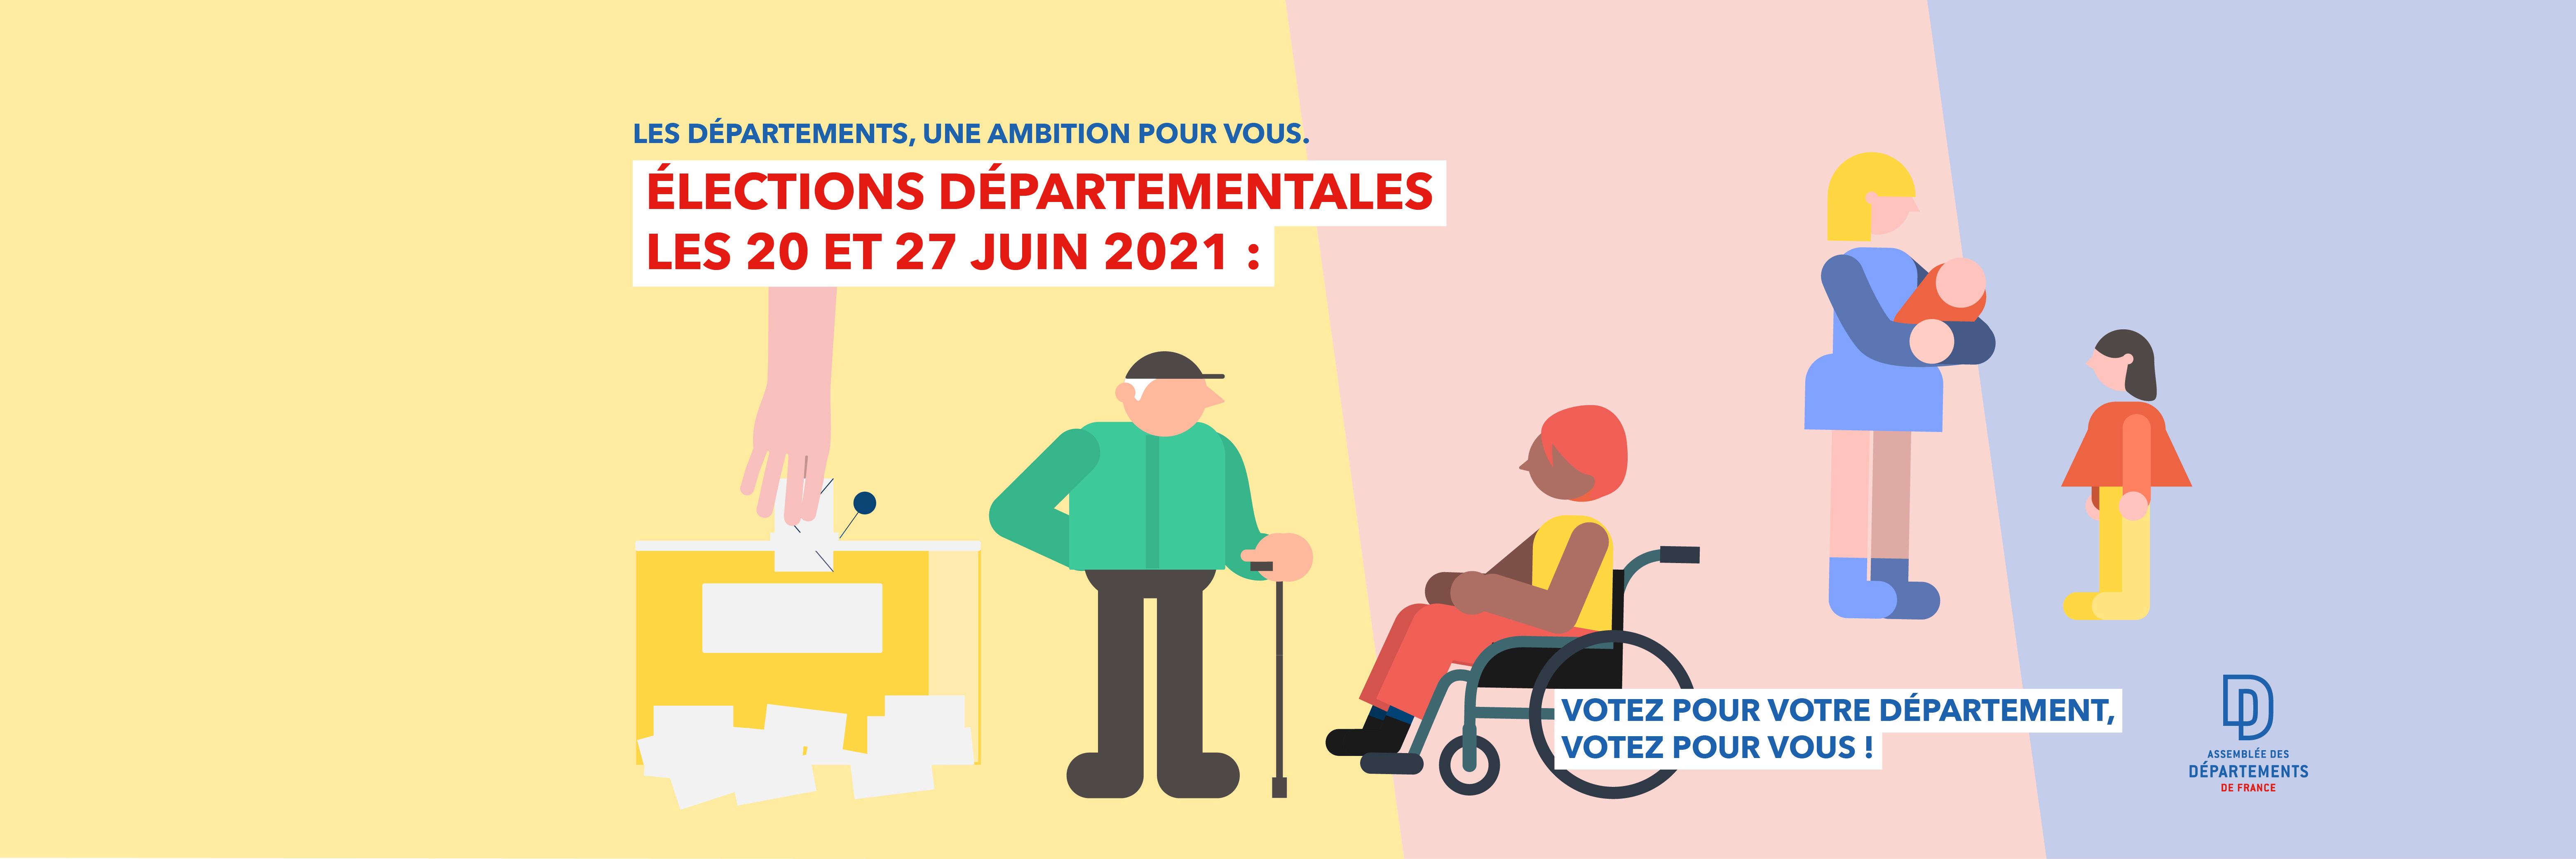 Élections départementales des 20 et 27 juin 2021